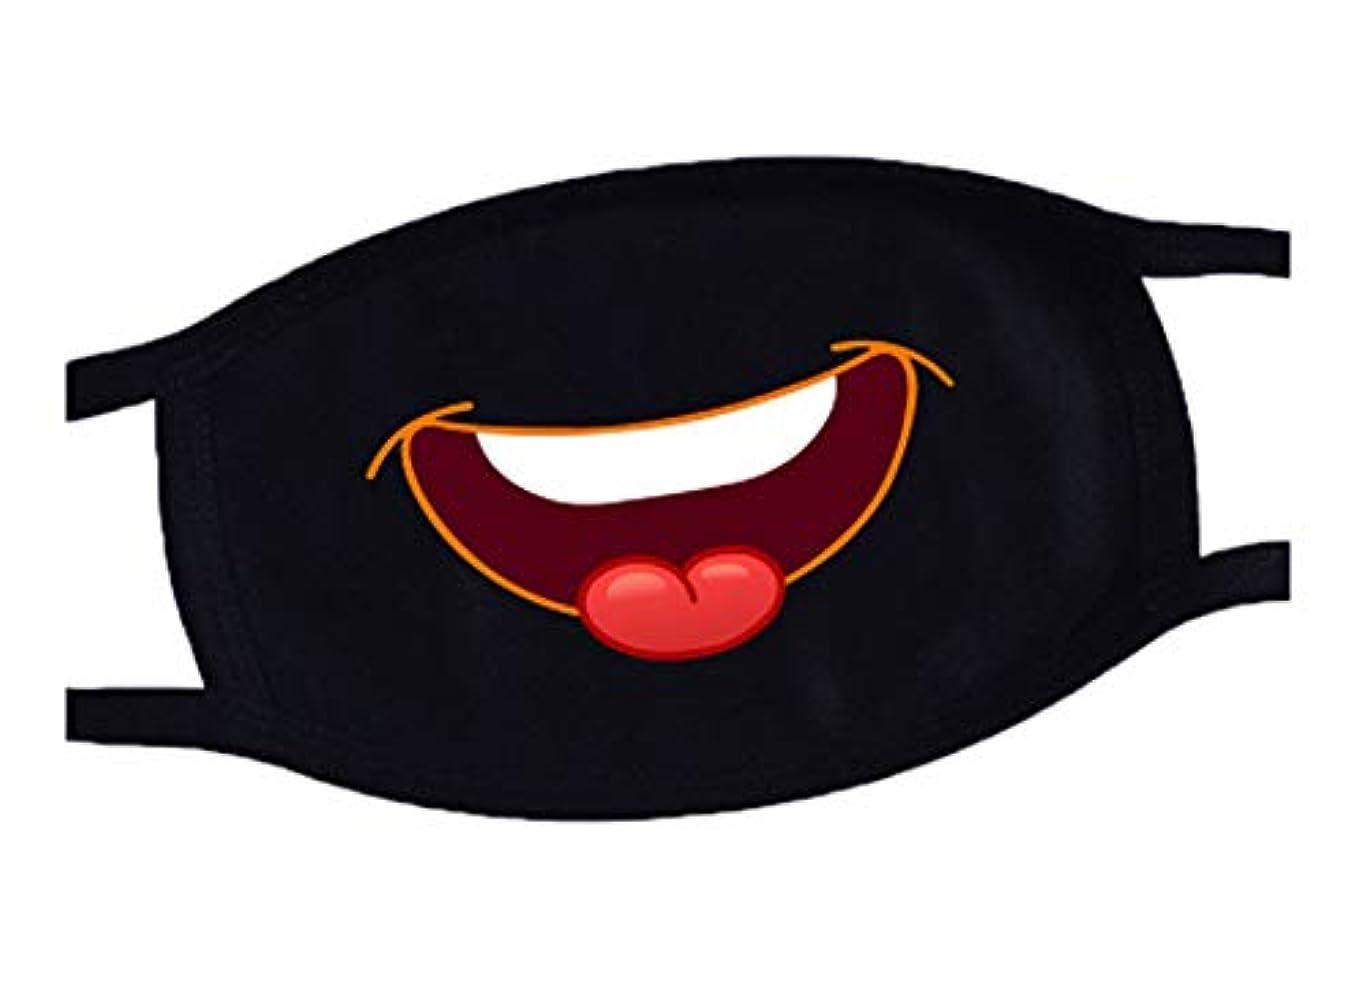 病院報復する作成者ブラック面白い口のマスク、かわいいユニセックスの顔の口のマスク、ティーンズ、F1